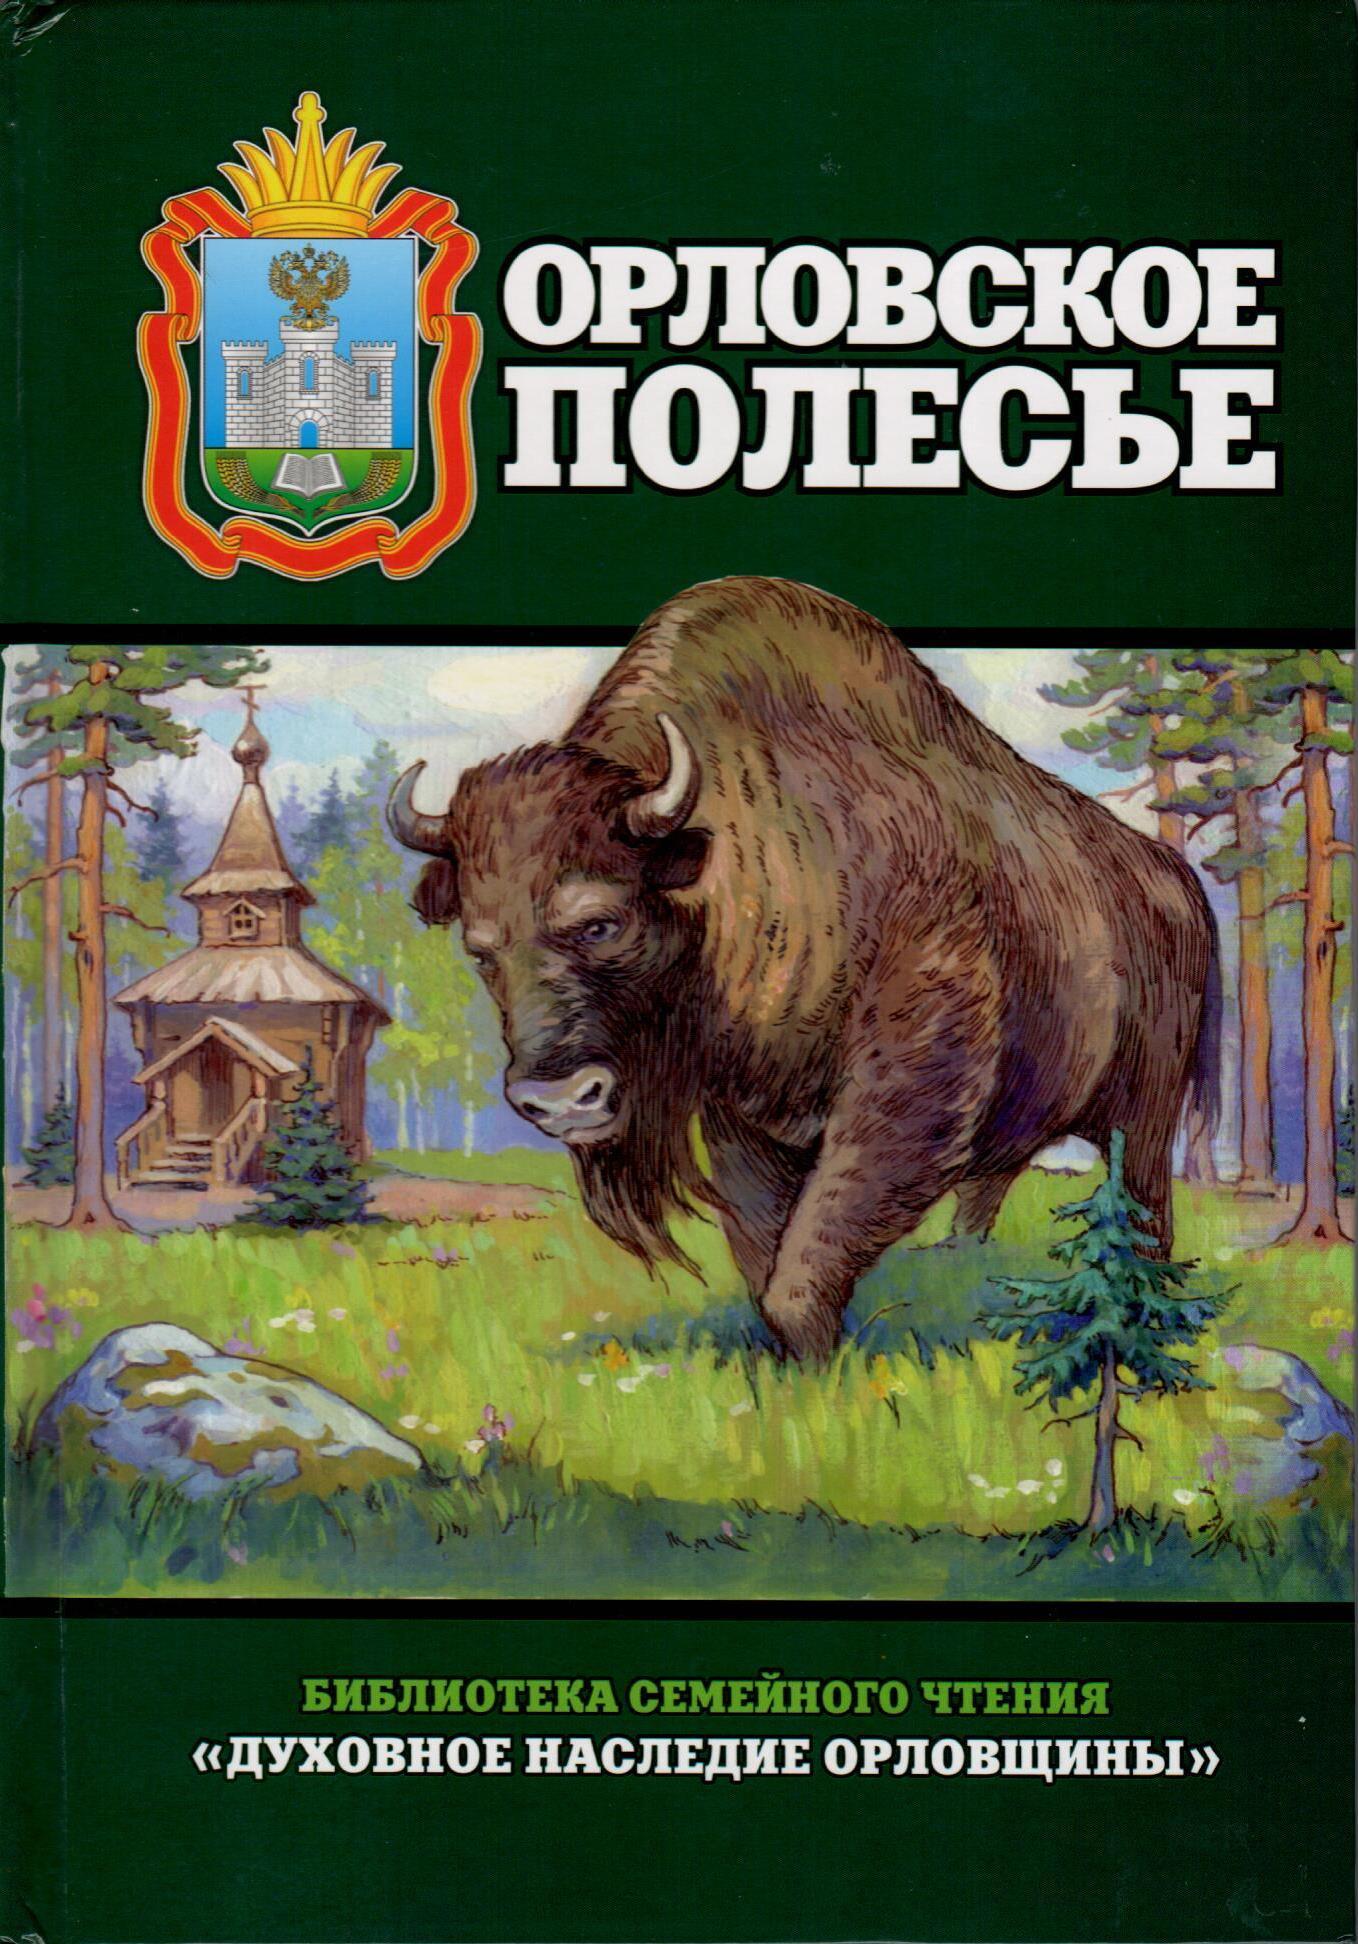 купить Орловское полесье по цене 1039 рублей